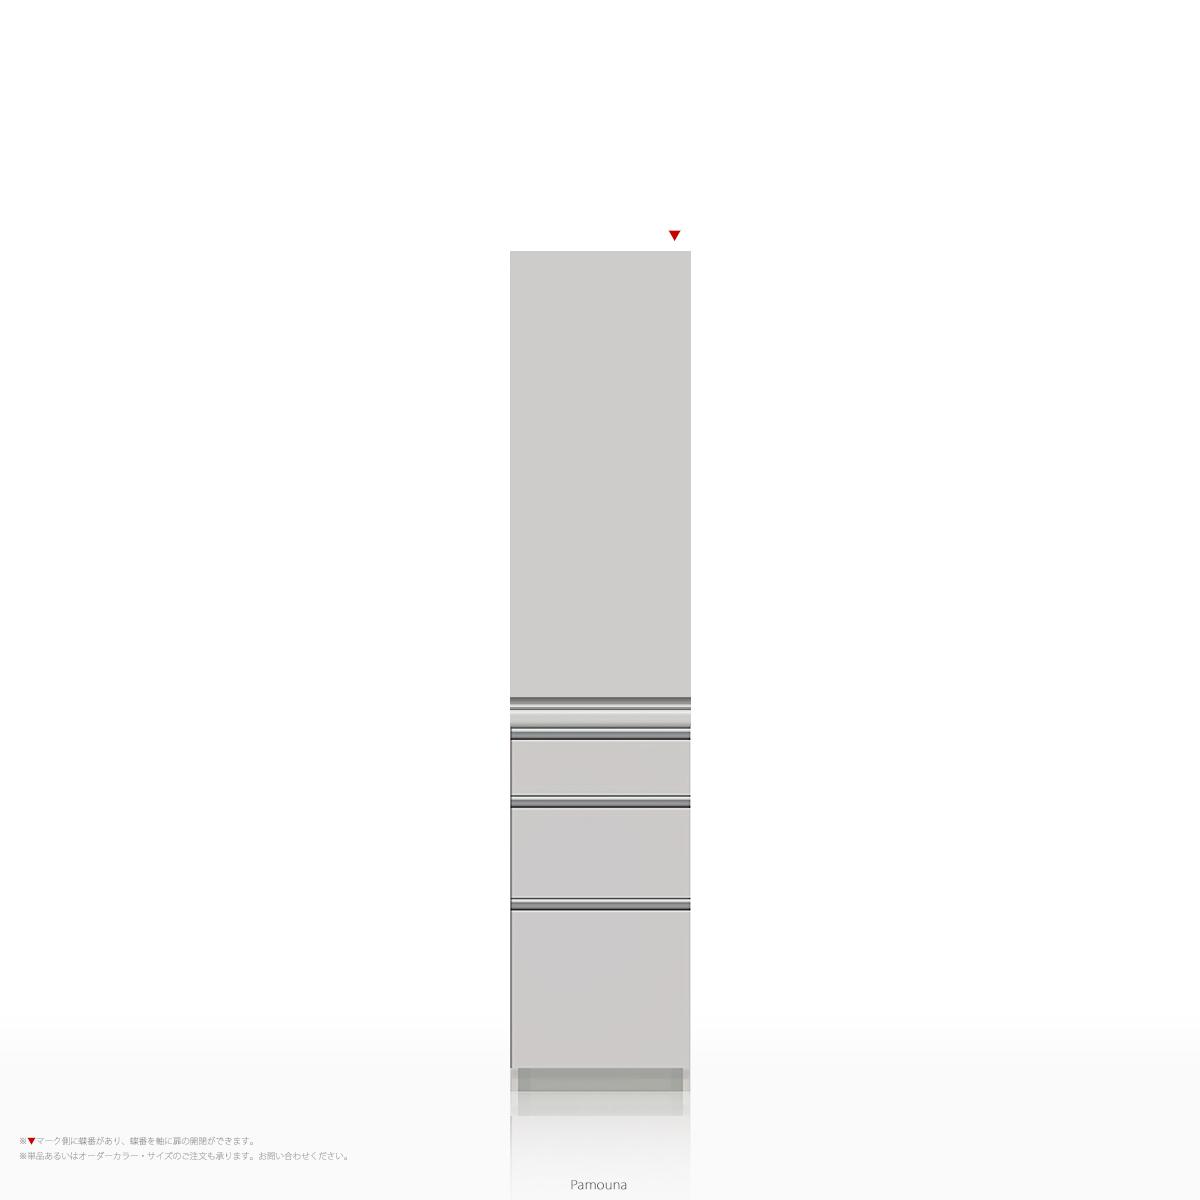 パモウナ 食器棚 KLシリーズ KL-S400KR [開き扉] (幅400cm, 奥行き45cm, パールホワイト)【送料無料 ※対象地域(本州,九州,四国)】【同梱不可】【店頭受取対応商品】